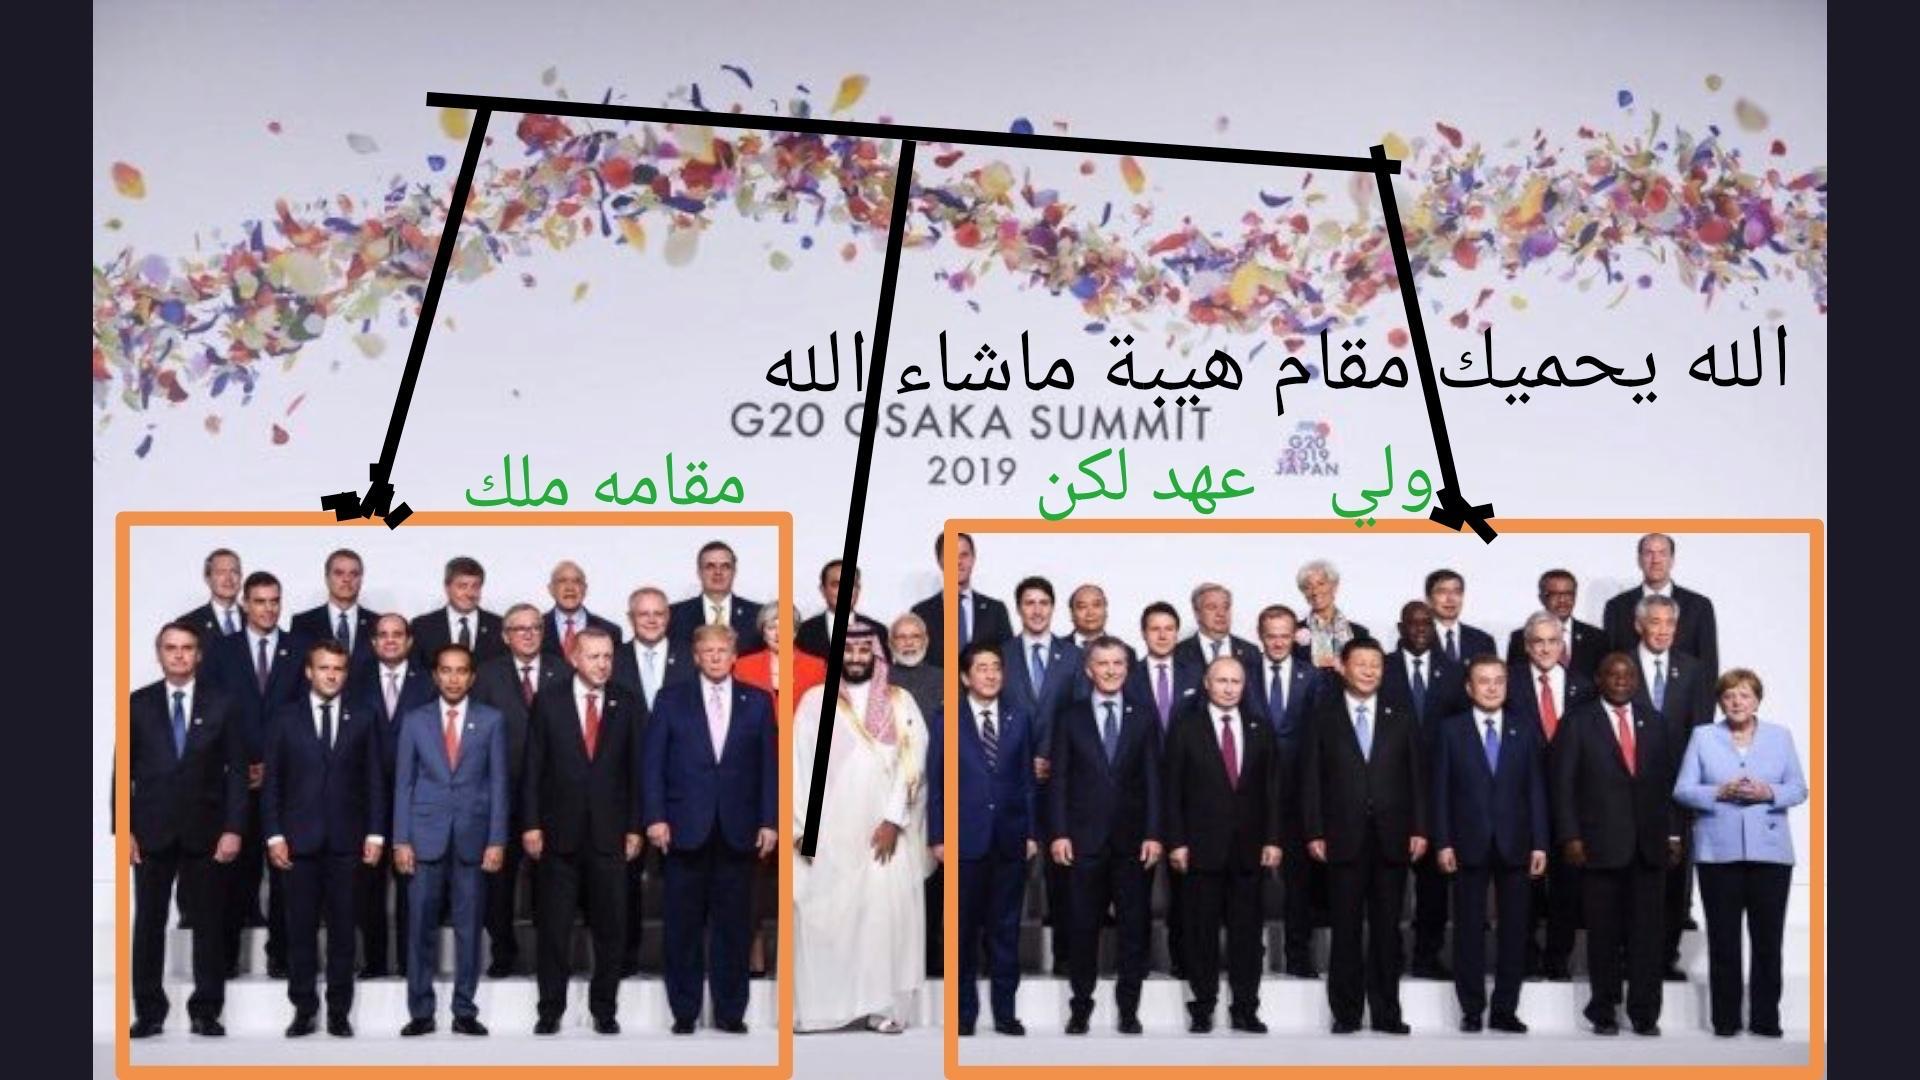 تم سرقة الفوز بالدليل الموثق والمحلل المصري بياع كلام